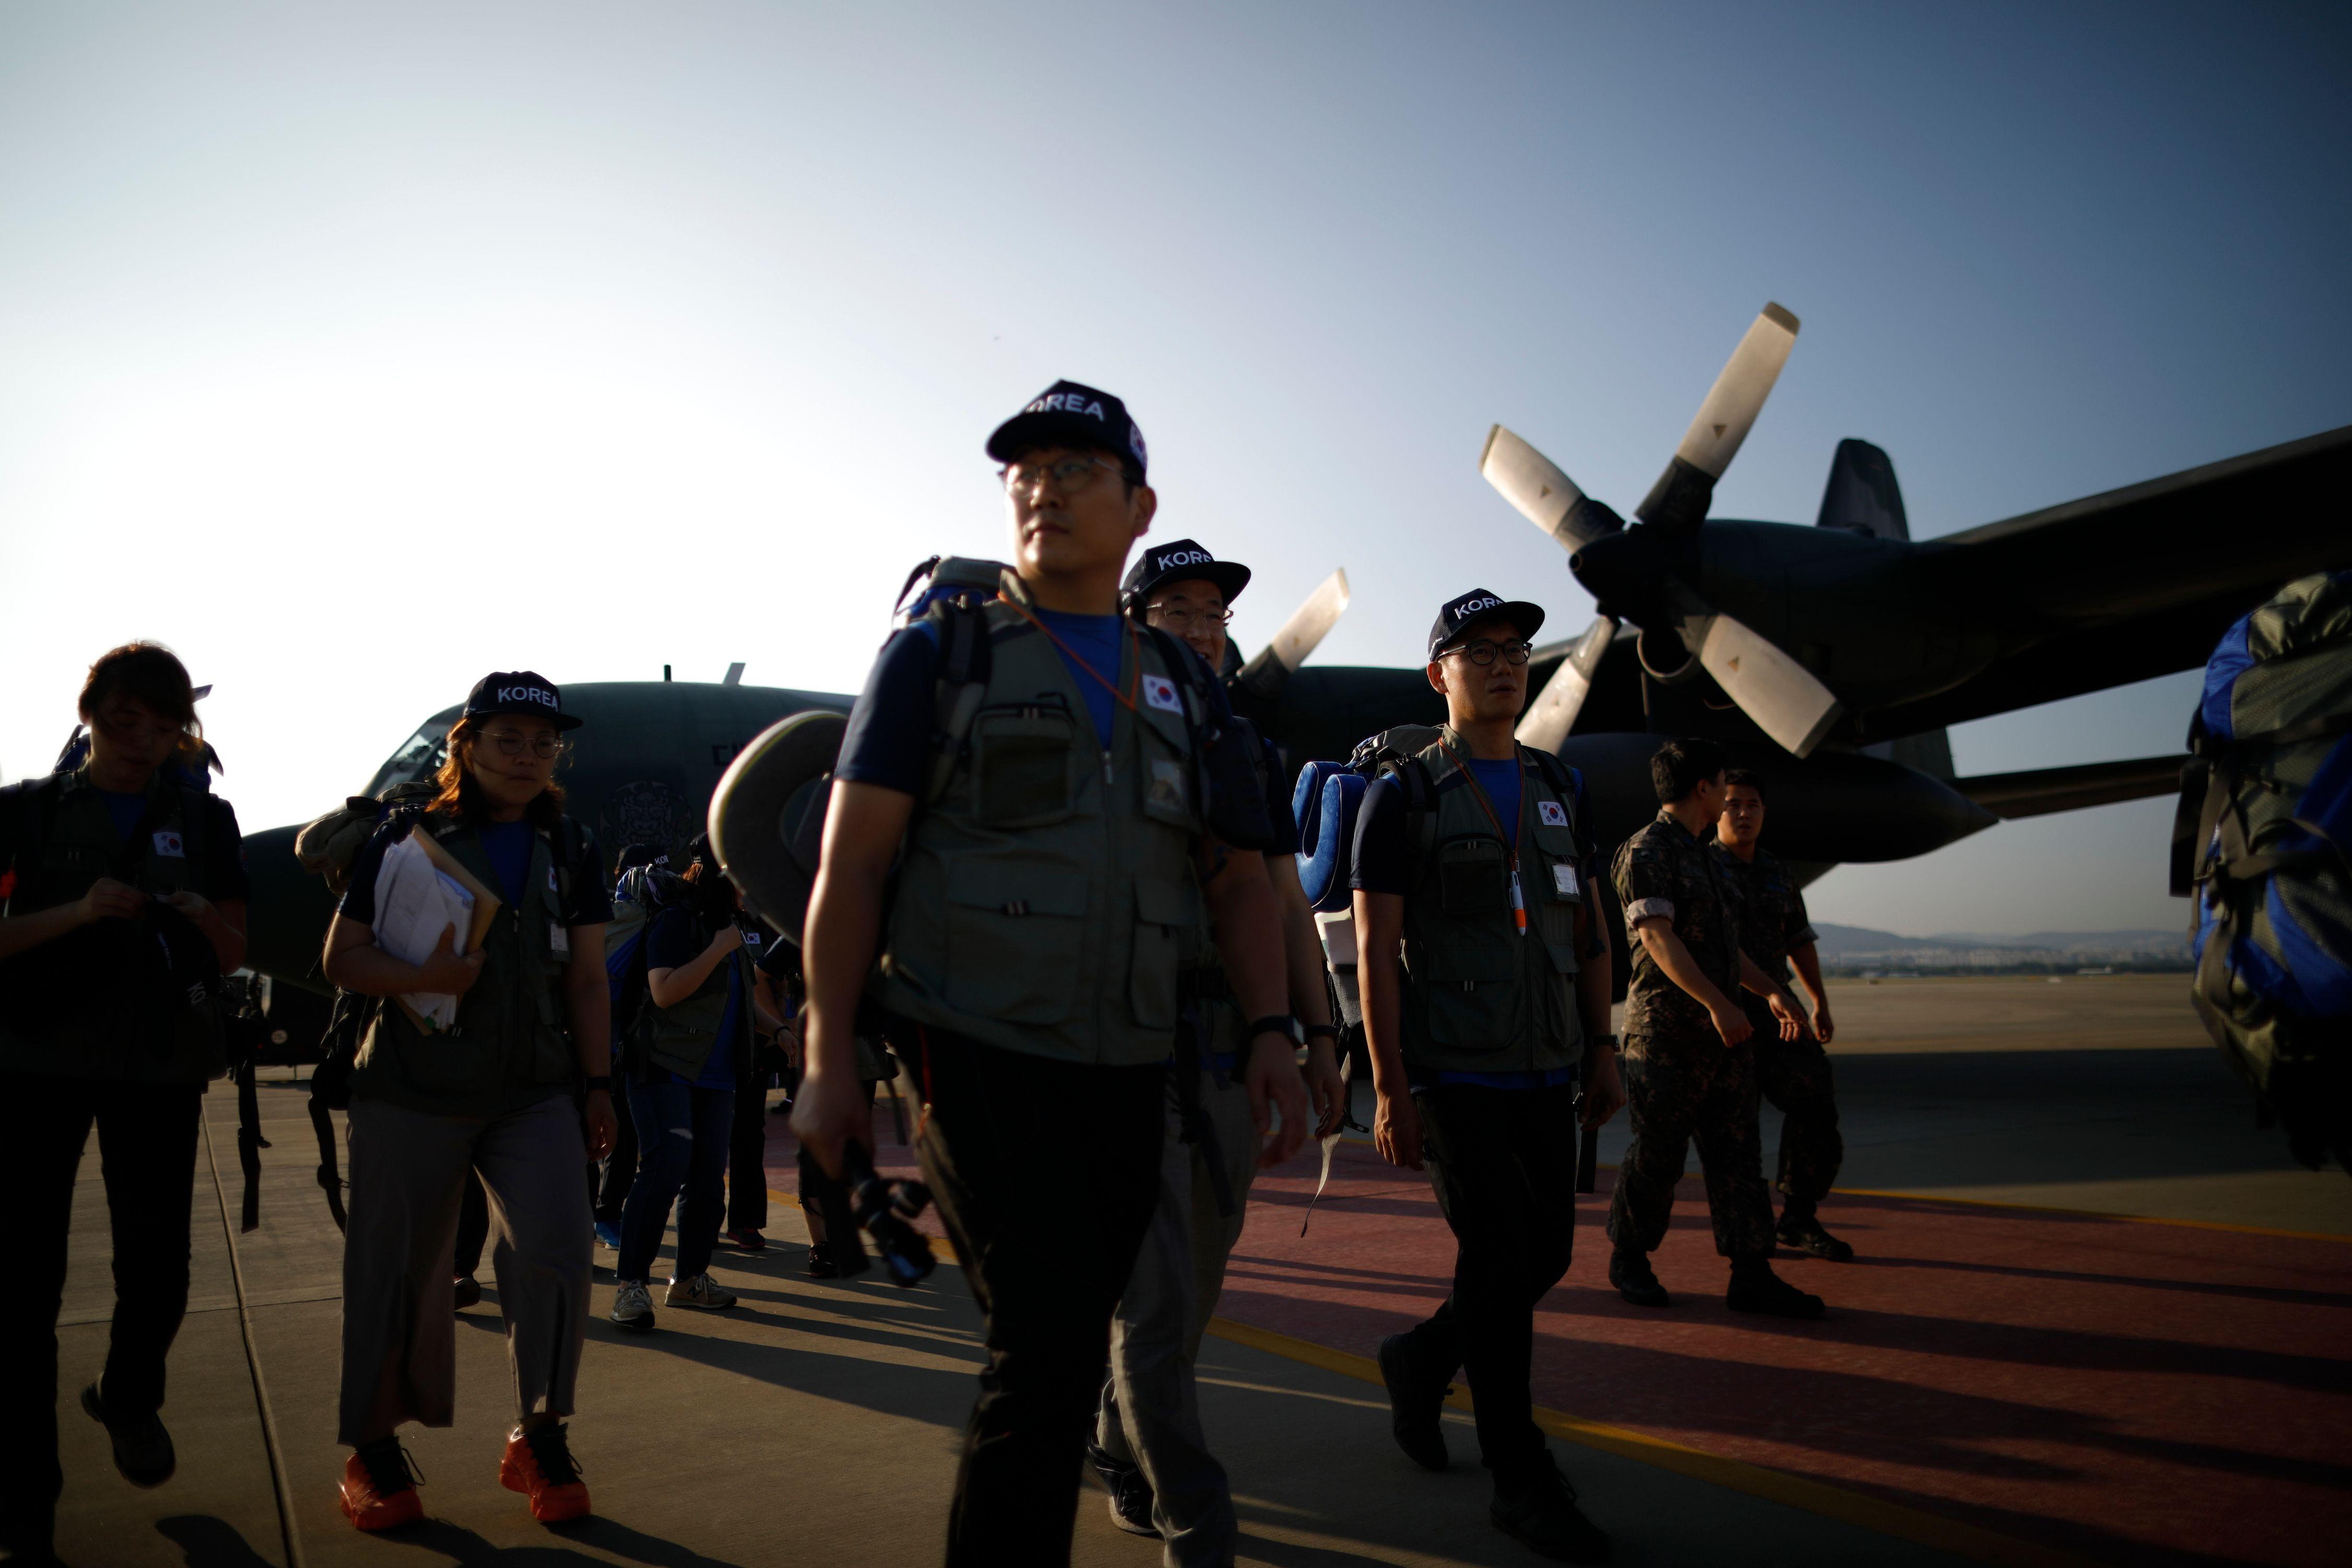 فريق إنقاذ كورى جنوبى يصل لاوس